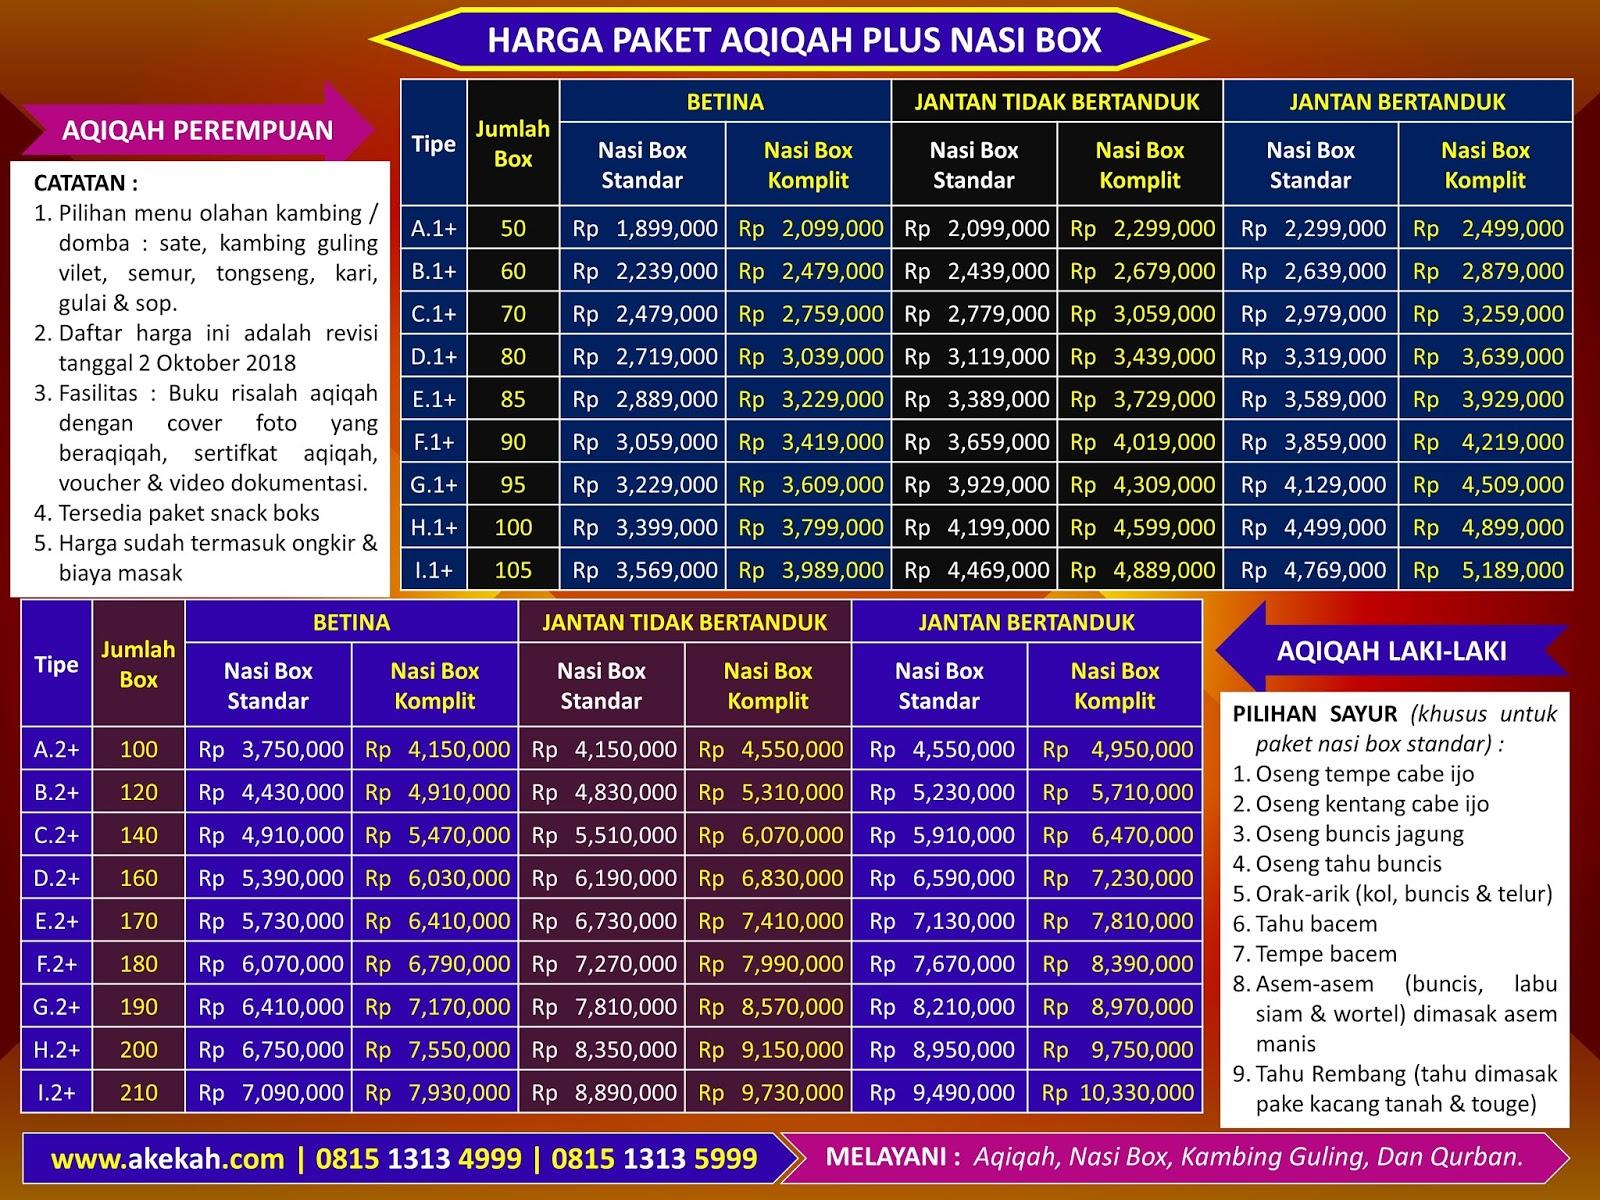 Harga Akikah & Catering Yang Murah Untuk Anak Laki-Laki Wilayah Bogor Jawa Barat